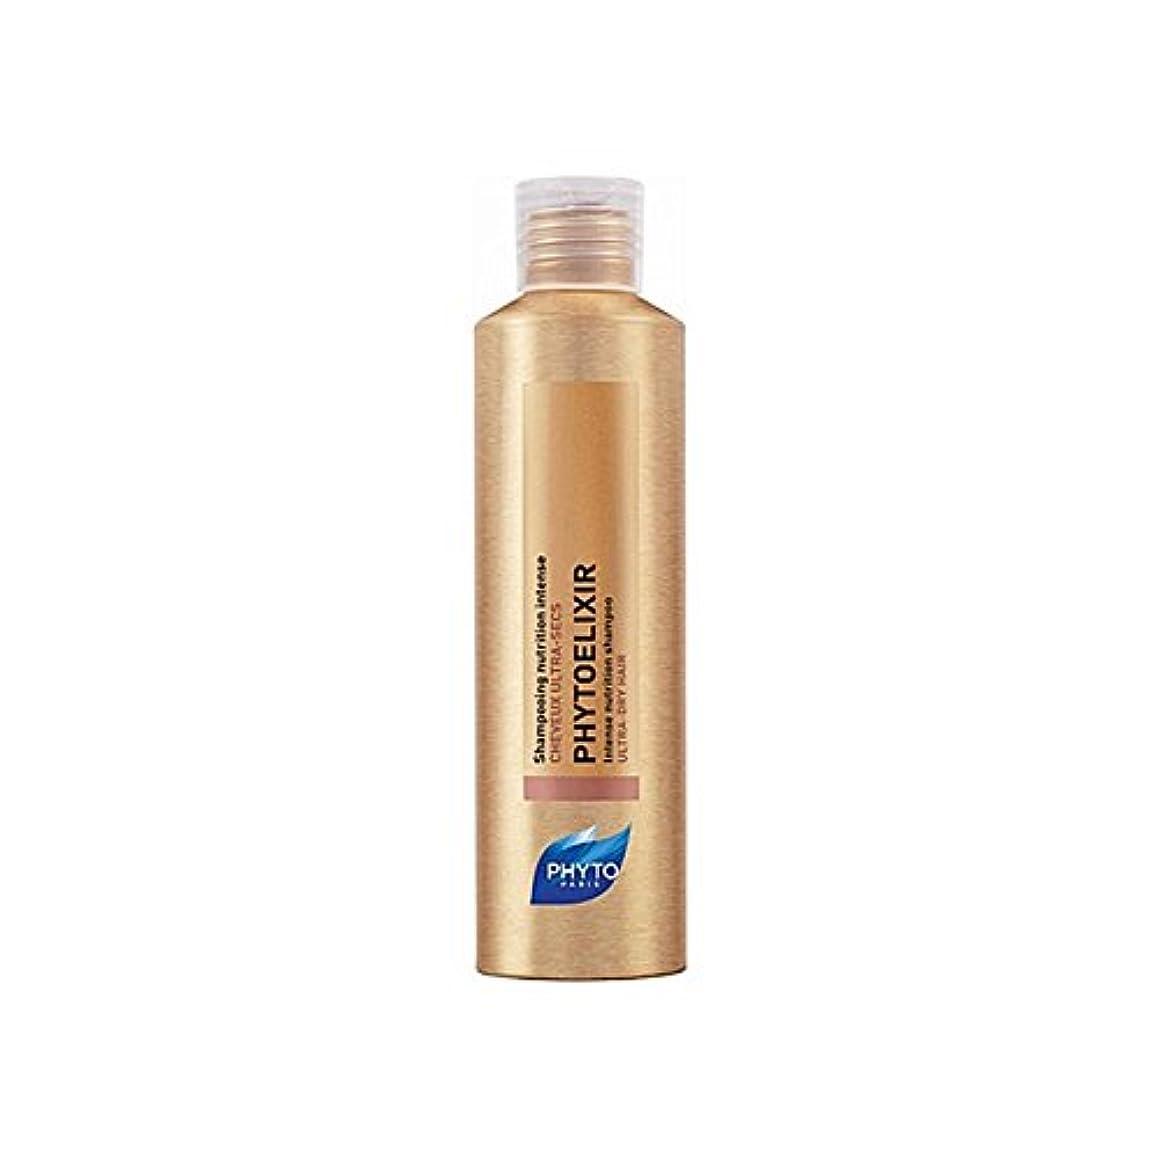 排除する周波数シードフィトの強烈な栄養シャンプー x2 - Phyto Phytoelixir Intense Nutrition Shampoo (Pack of 2) [並行輸入品]